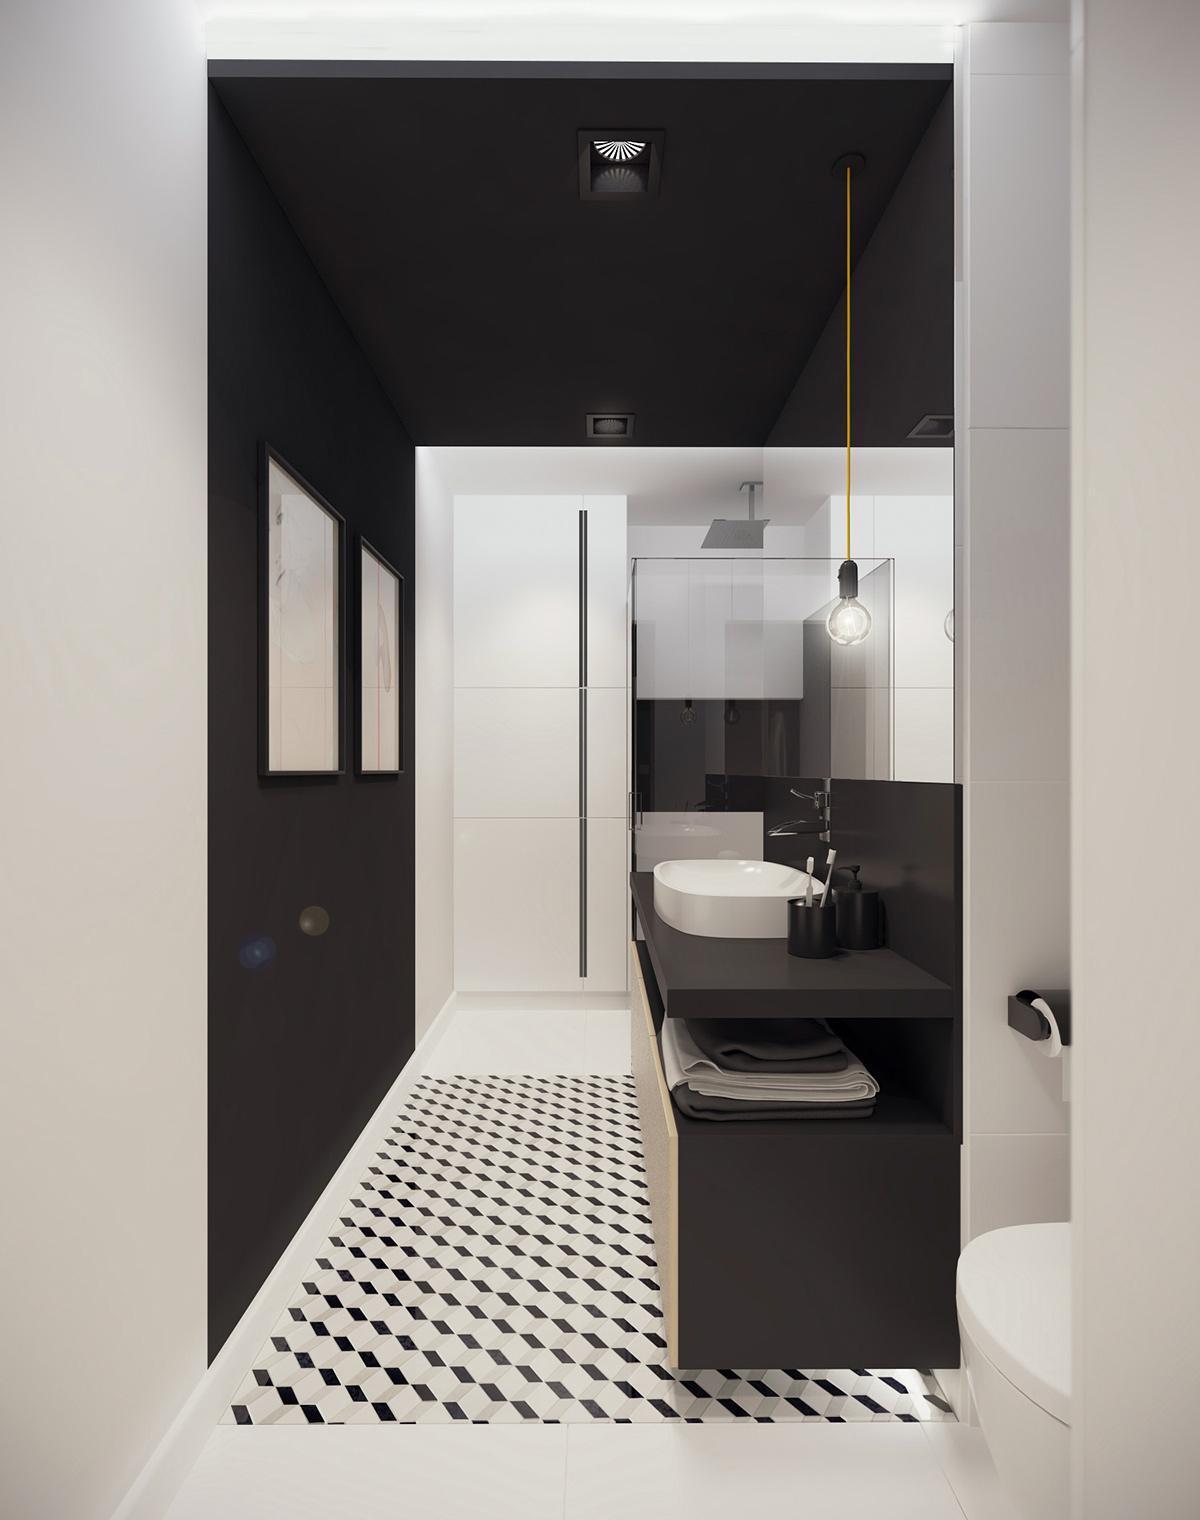 bố trí nhà vệ sinh thông minh